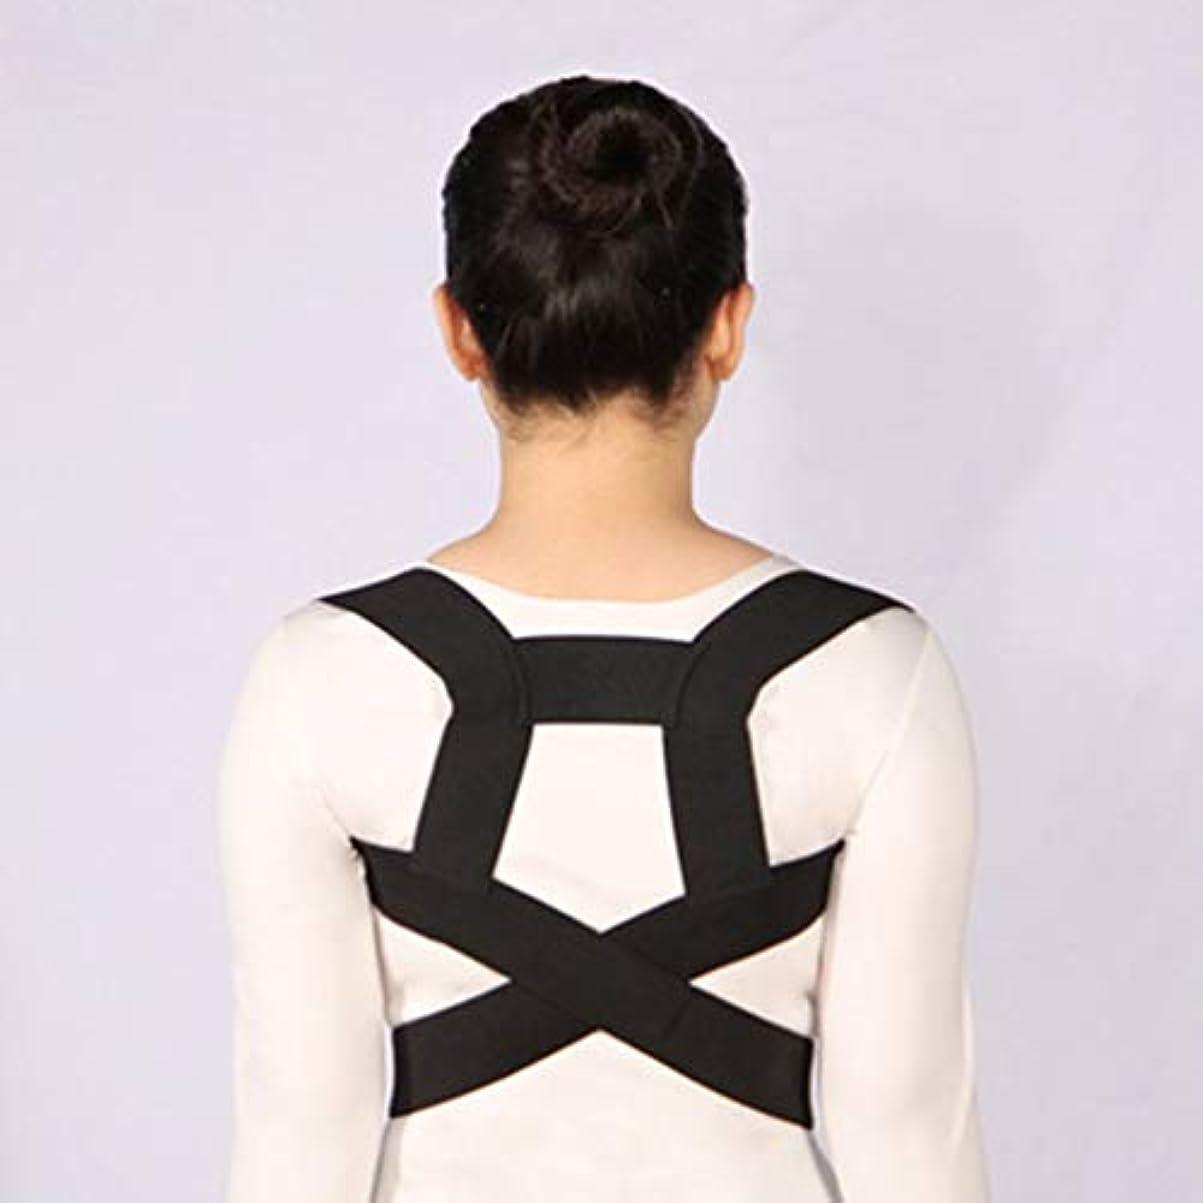 書誌筋肉の現実的姿勢矯正側弯症ザトウクジラ補正ベルト調節可能な快適さ目に見えないベルト男性女性大人シンプル - 黒